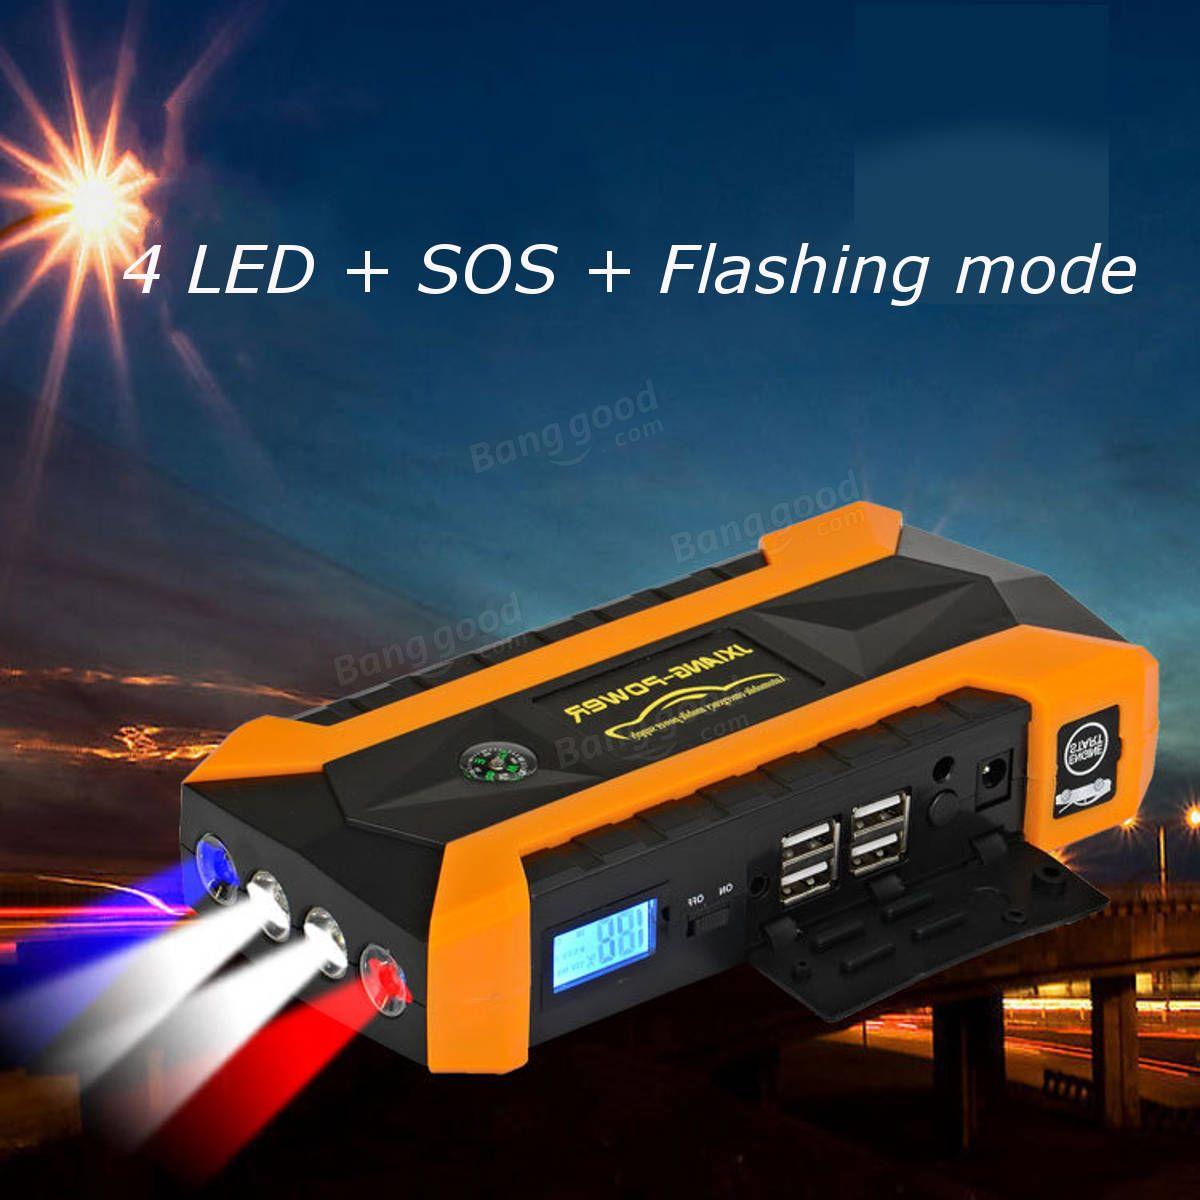 89800mah led car jump start starter 4 usb charger battery